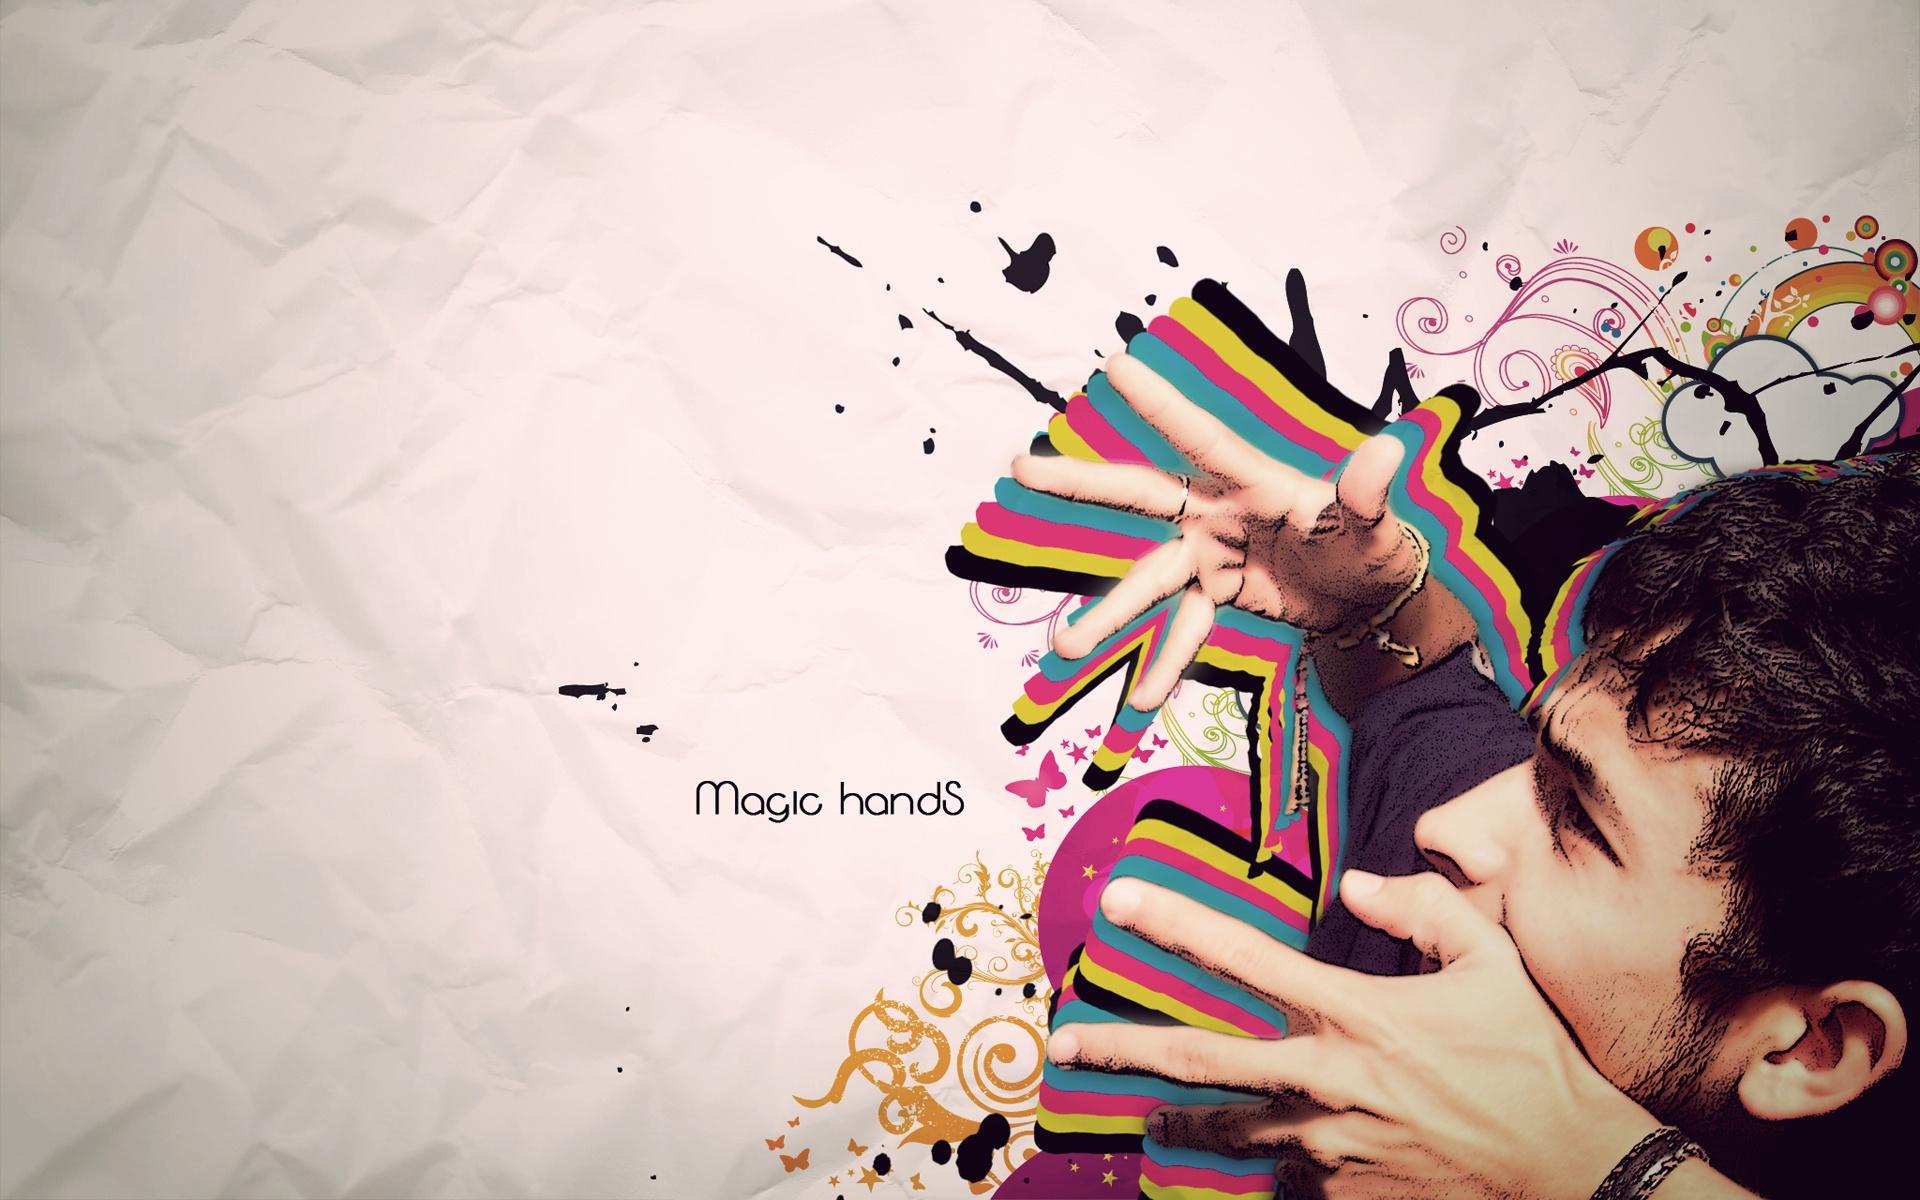 Волшебные руки - красивые обои